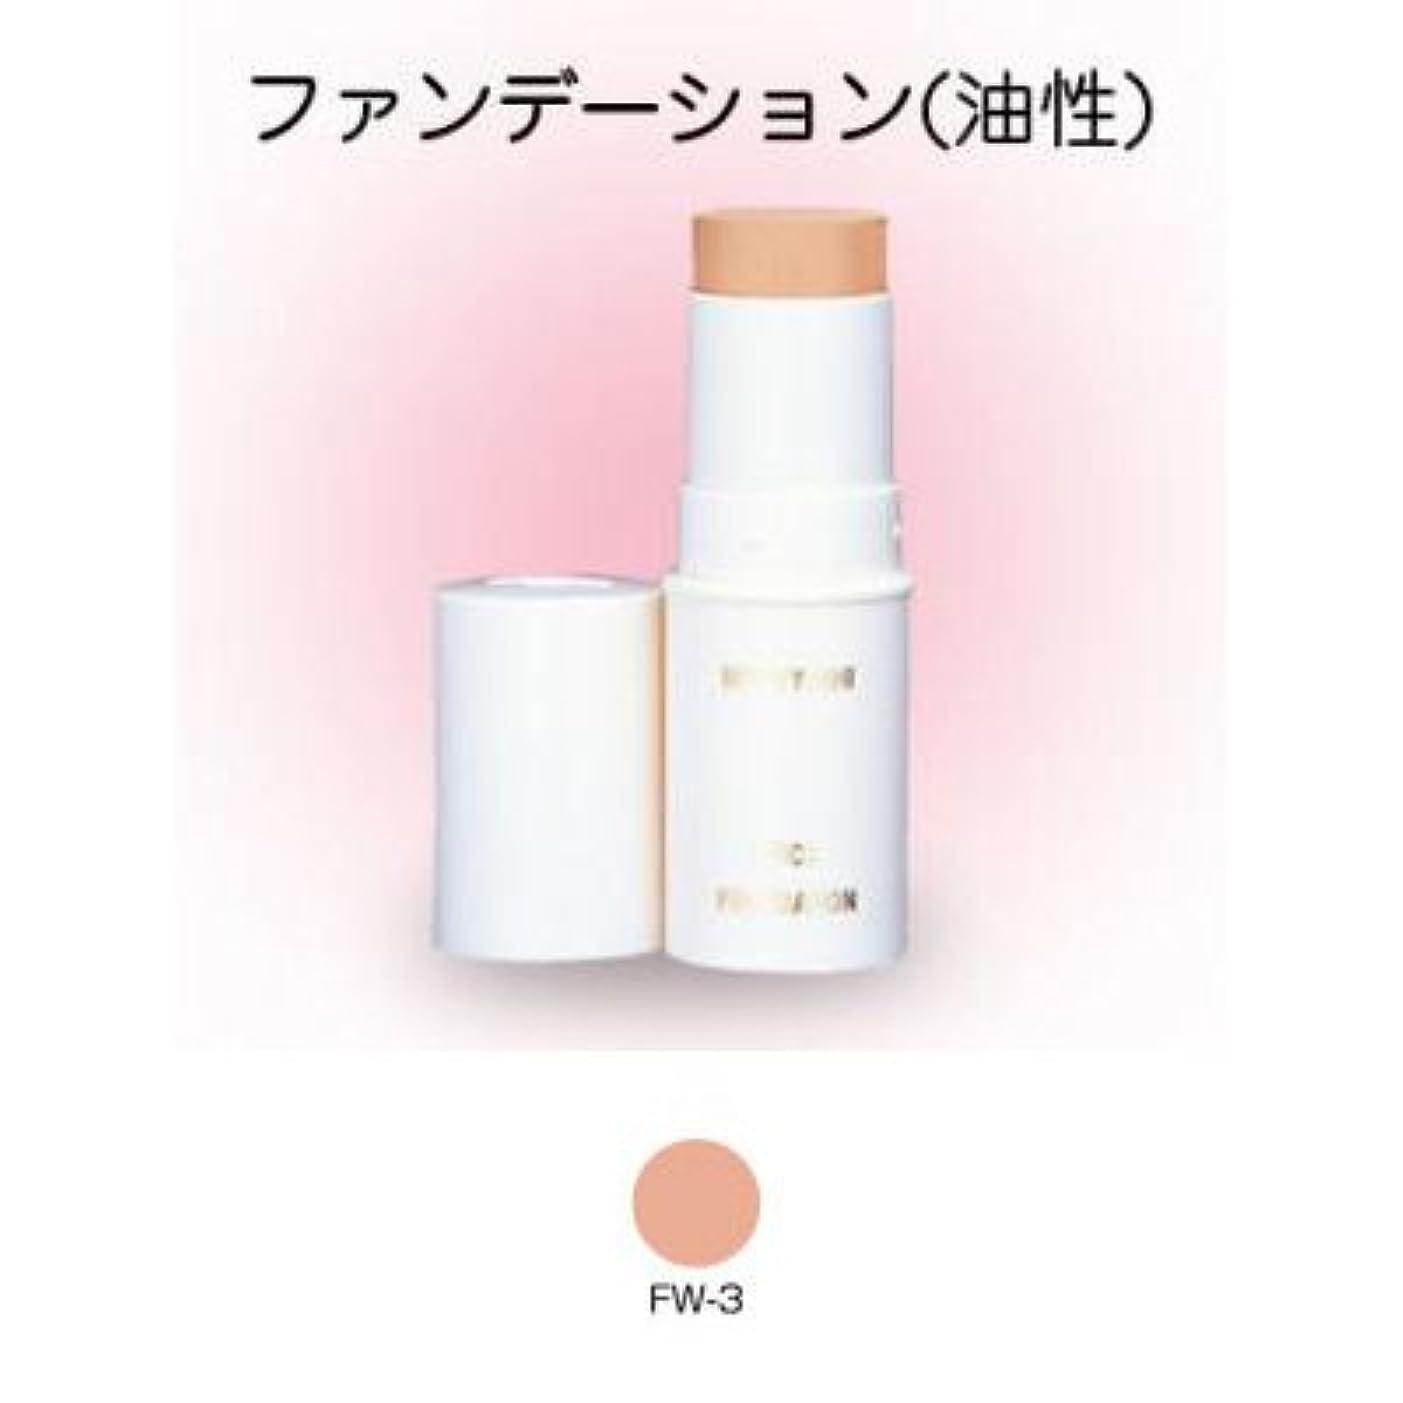 ヘア弓仮説三善 スティックファンデーション ナチュラルメーク 自然な舞台化粧 カラー:FW-3 (C)